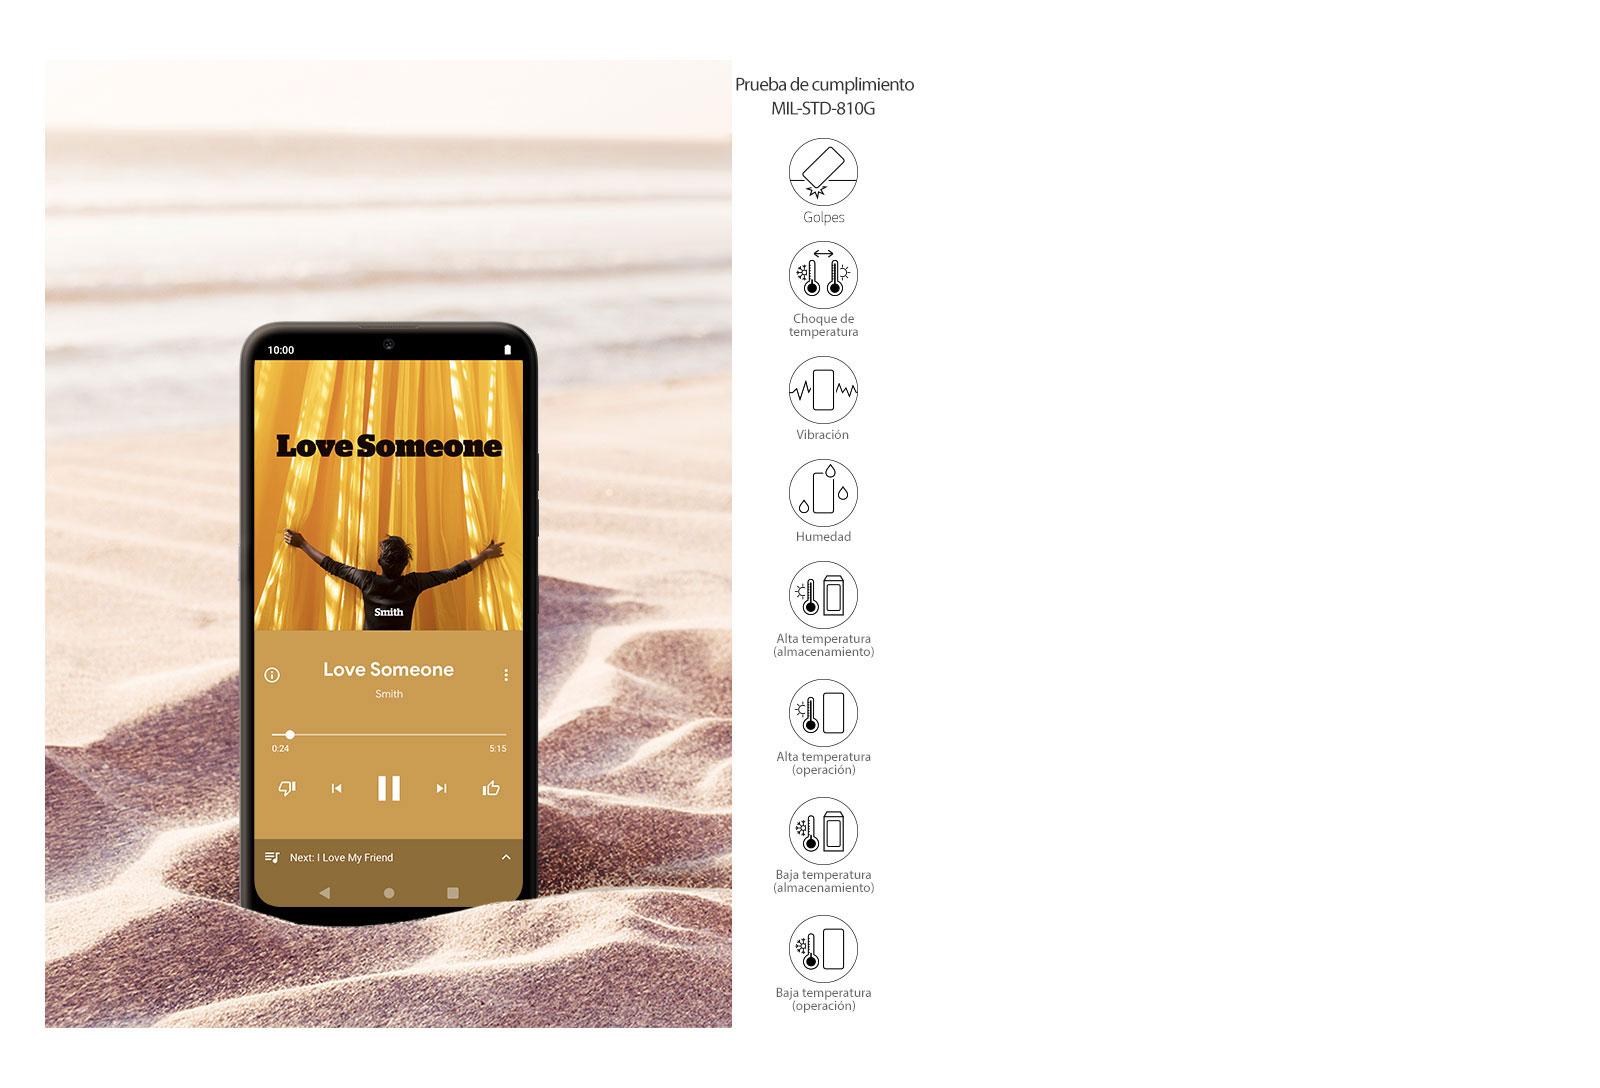 Smartphone en el desierto tocando música